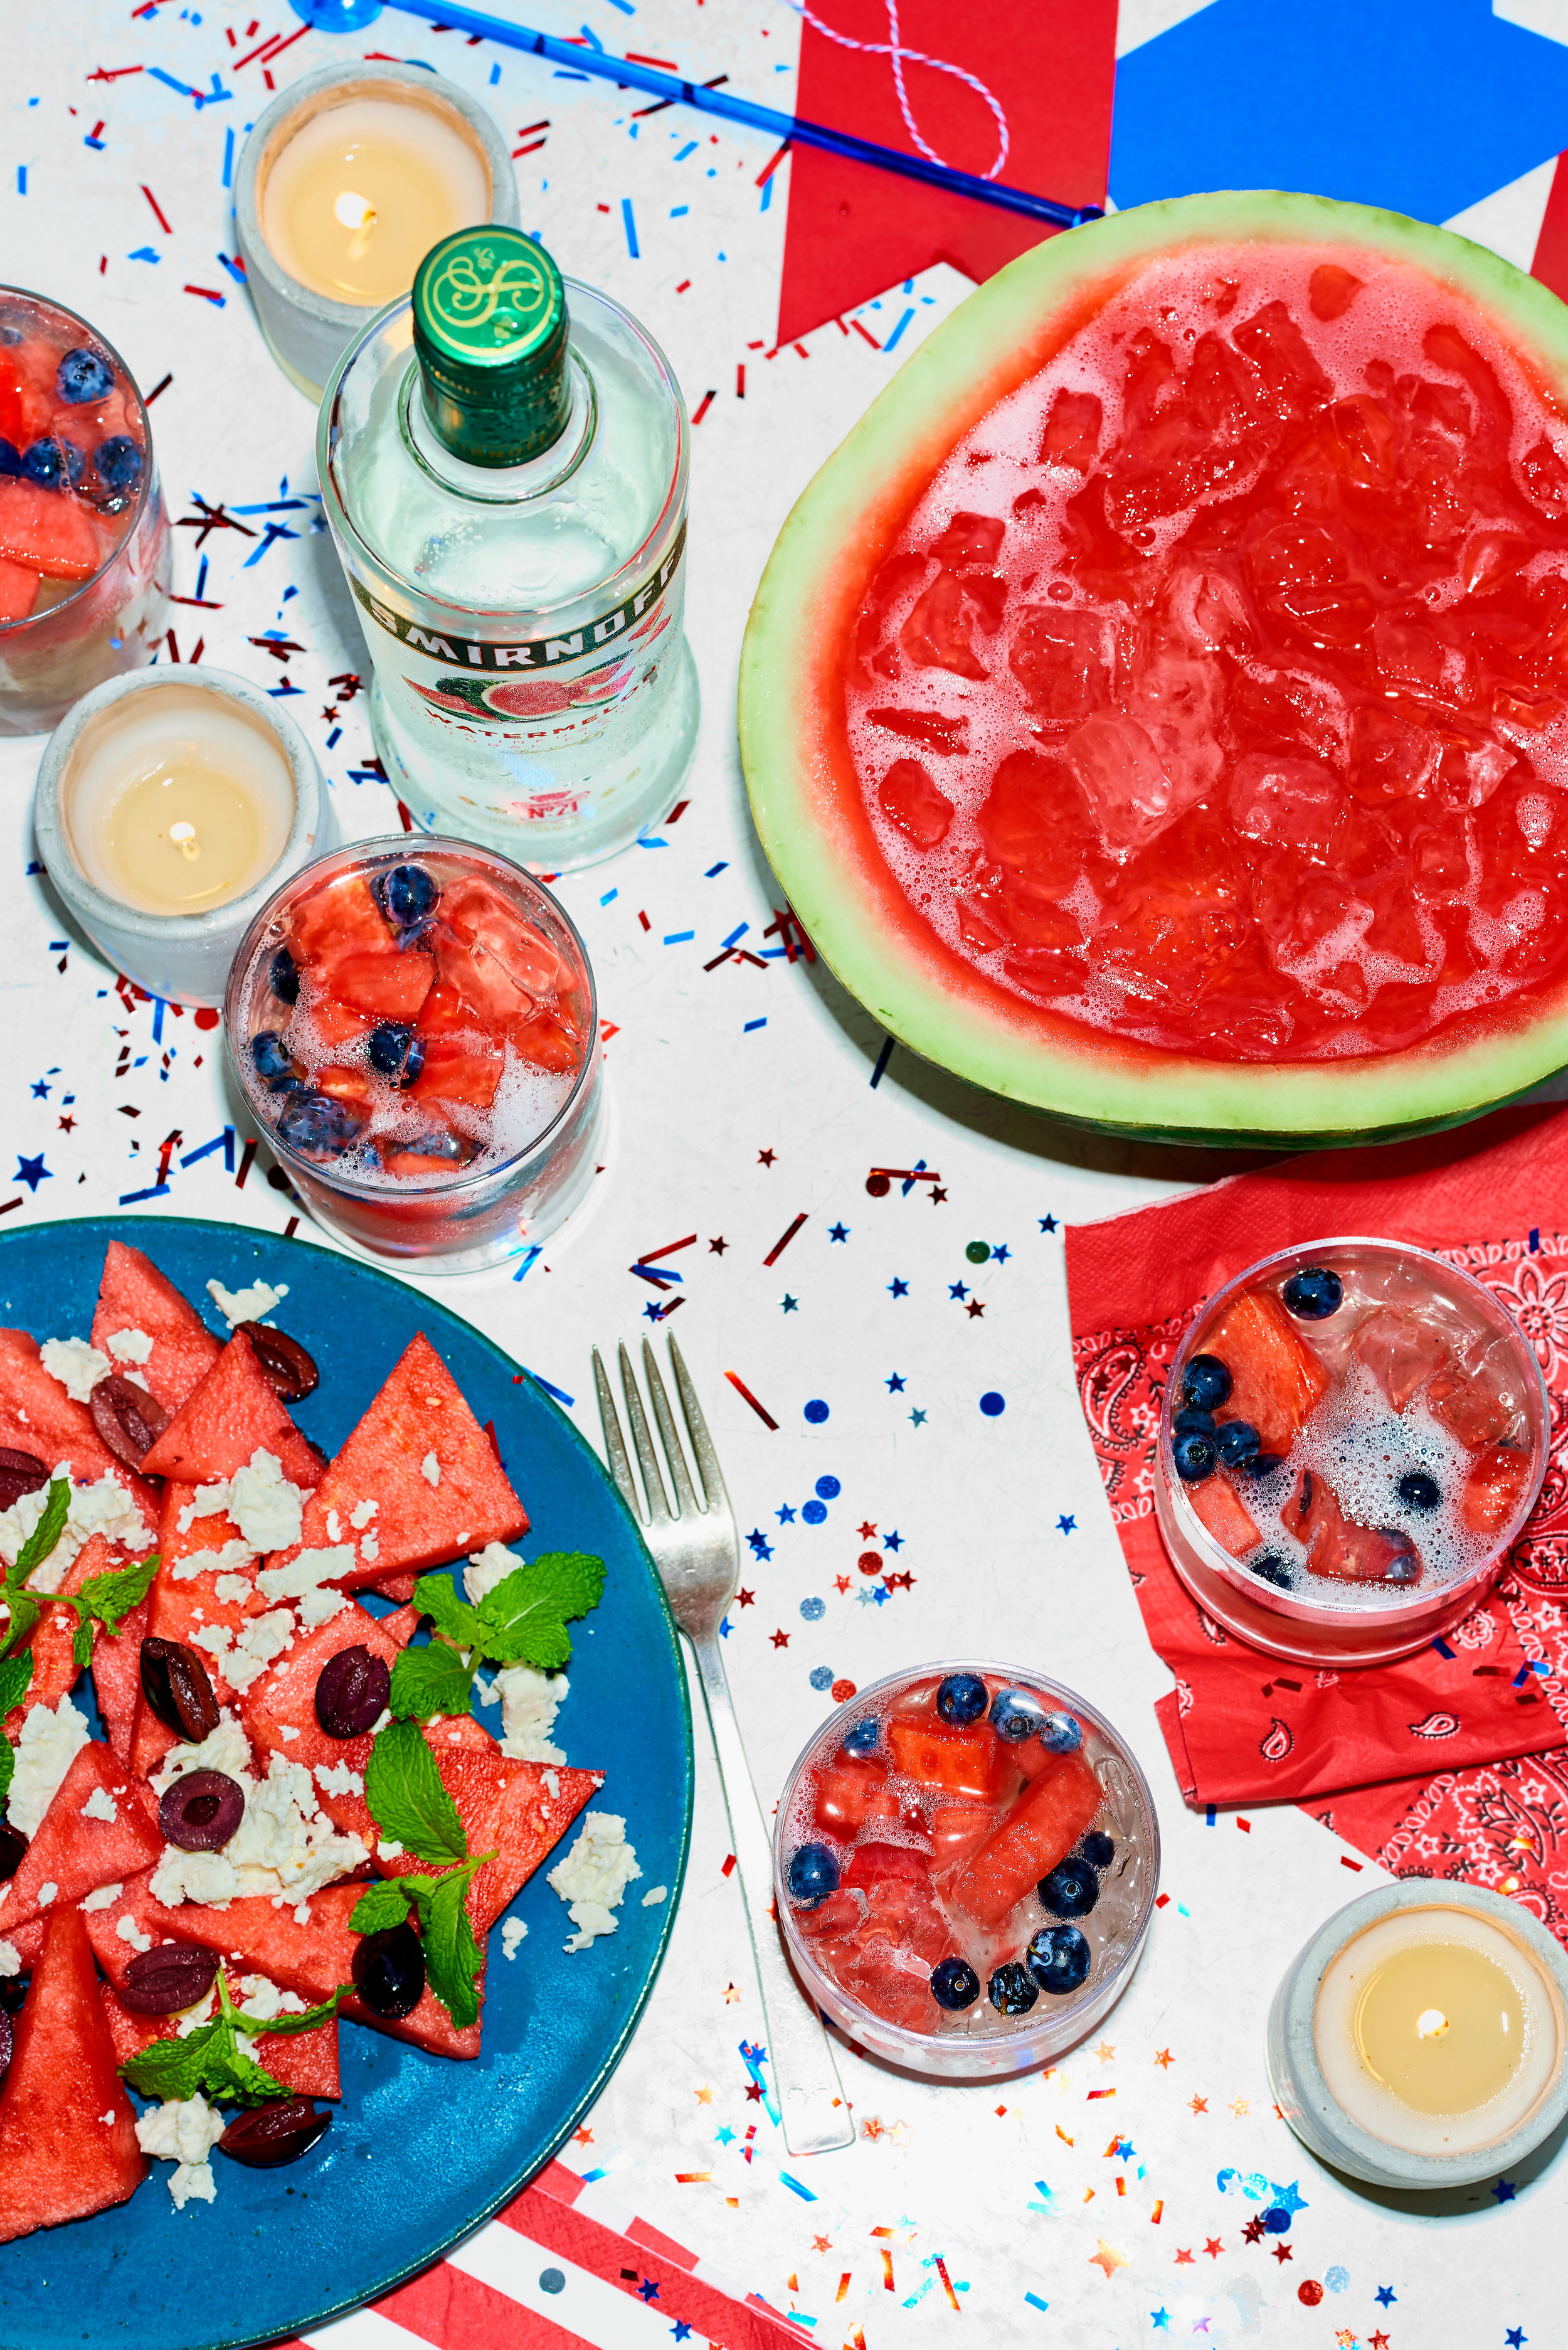 72SU_60130_160808_July4th_WatermelonPunch_B_038_b.jpg